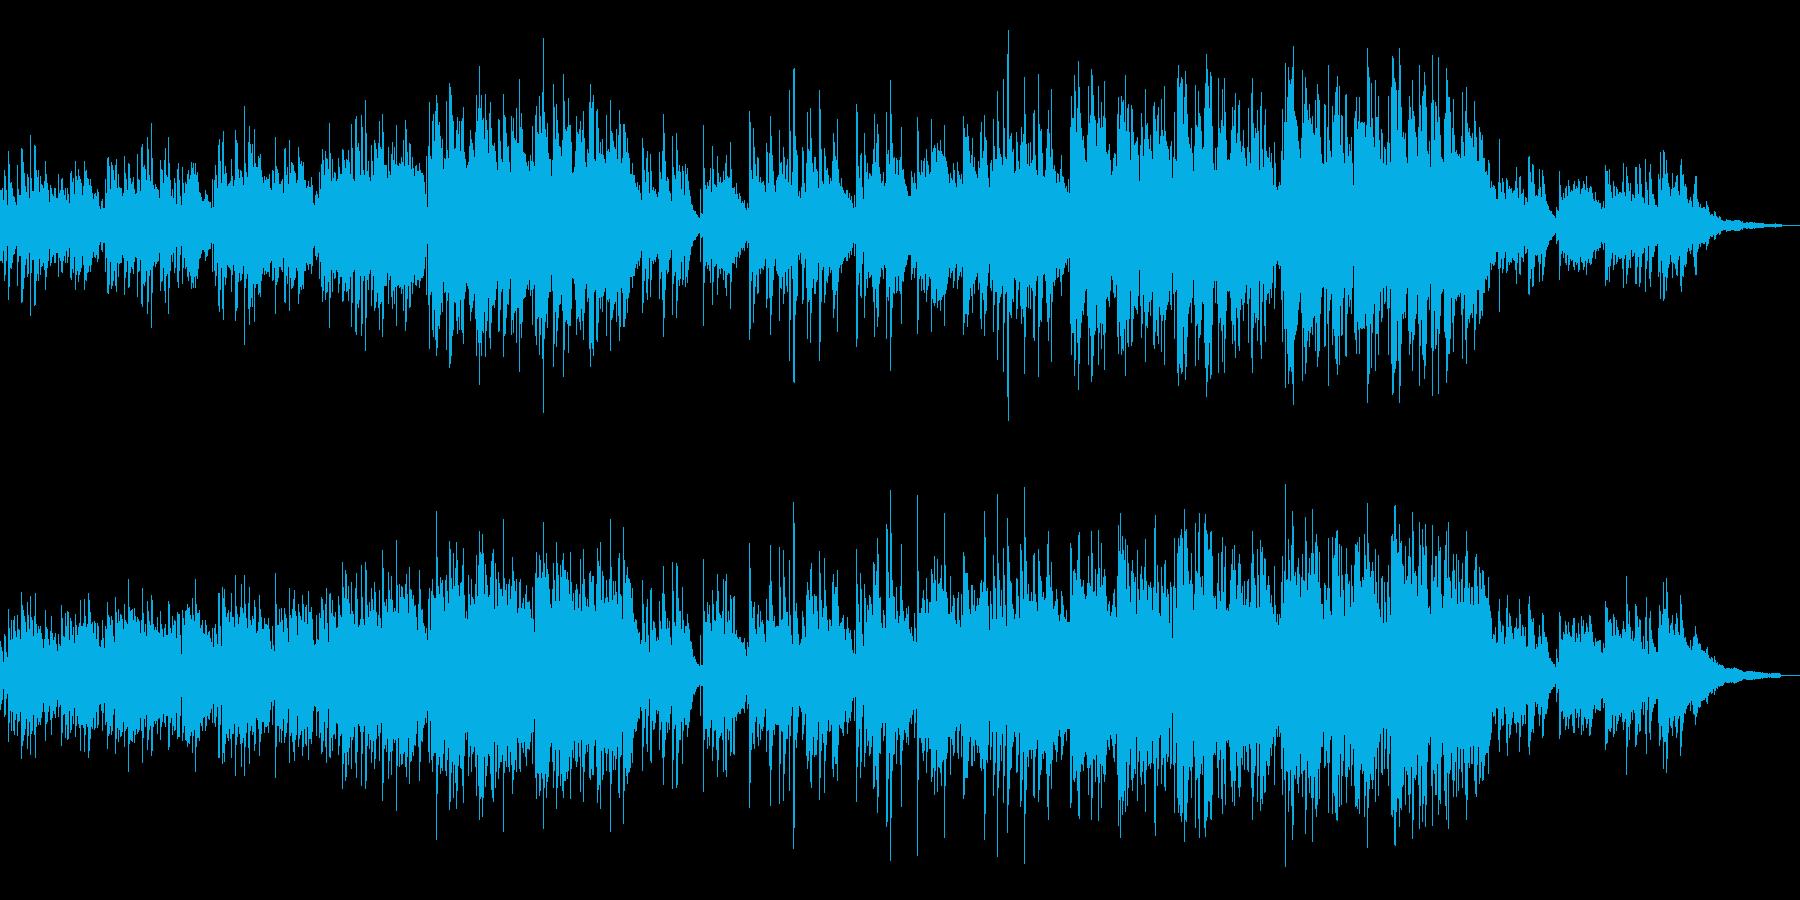 【リズム抜き】ノスタルジックなアコギアンの再生済みの波形